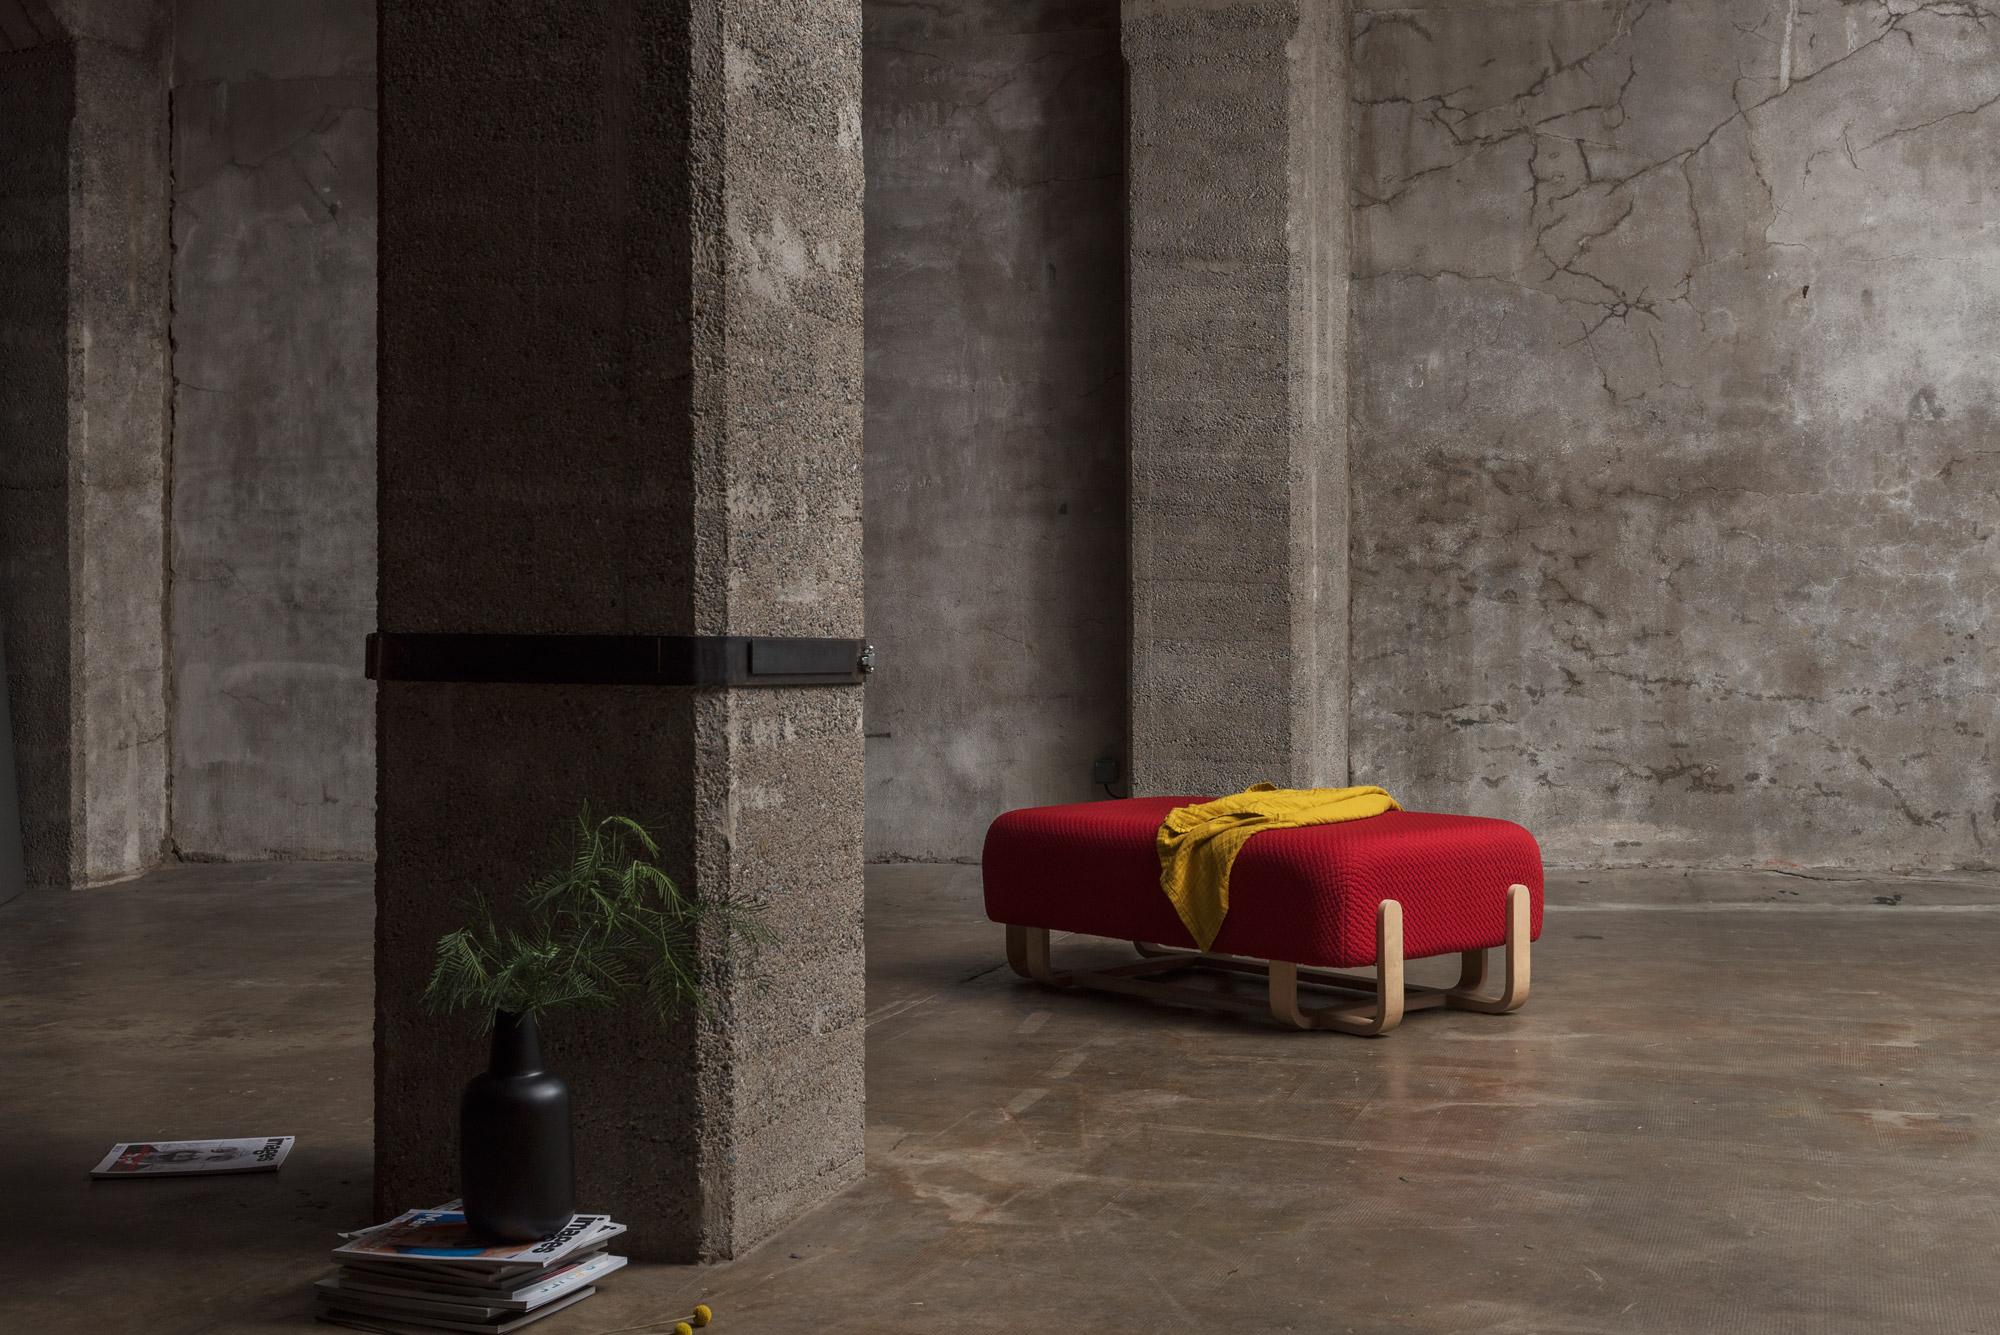 Banc Couple / décor industriel béton / Tissu rouge / Piétement bois / Design Thierry D'Istria / Editeur SOCA